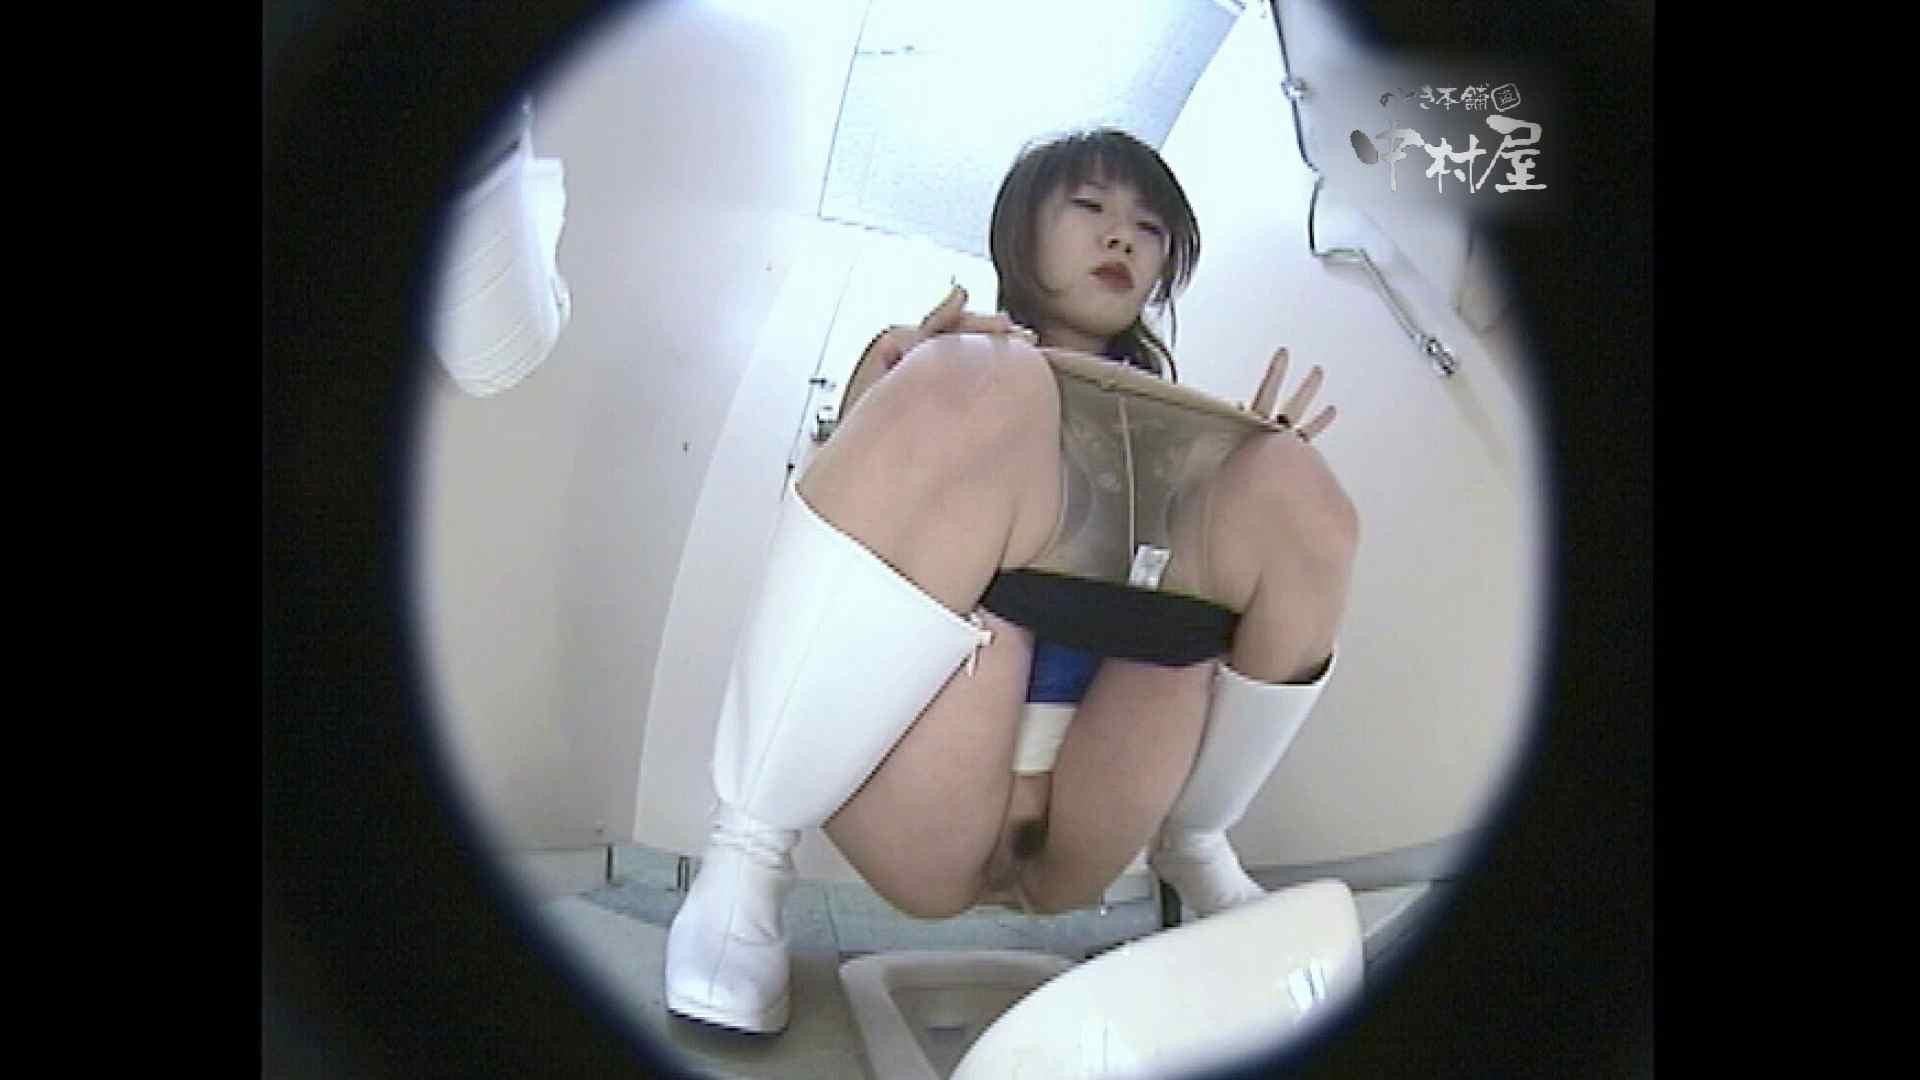 レースクィーントイレ盗撮!Vol.20 トイレ 盗撮セックス無修正動画無料 89PICs 39